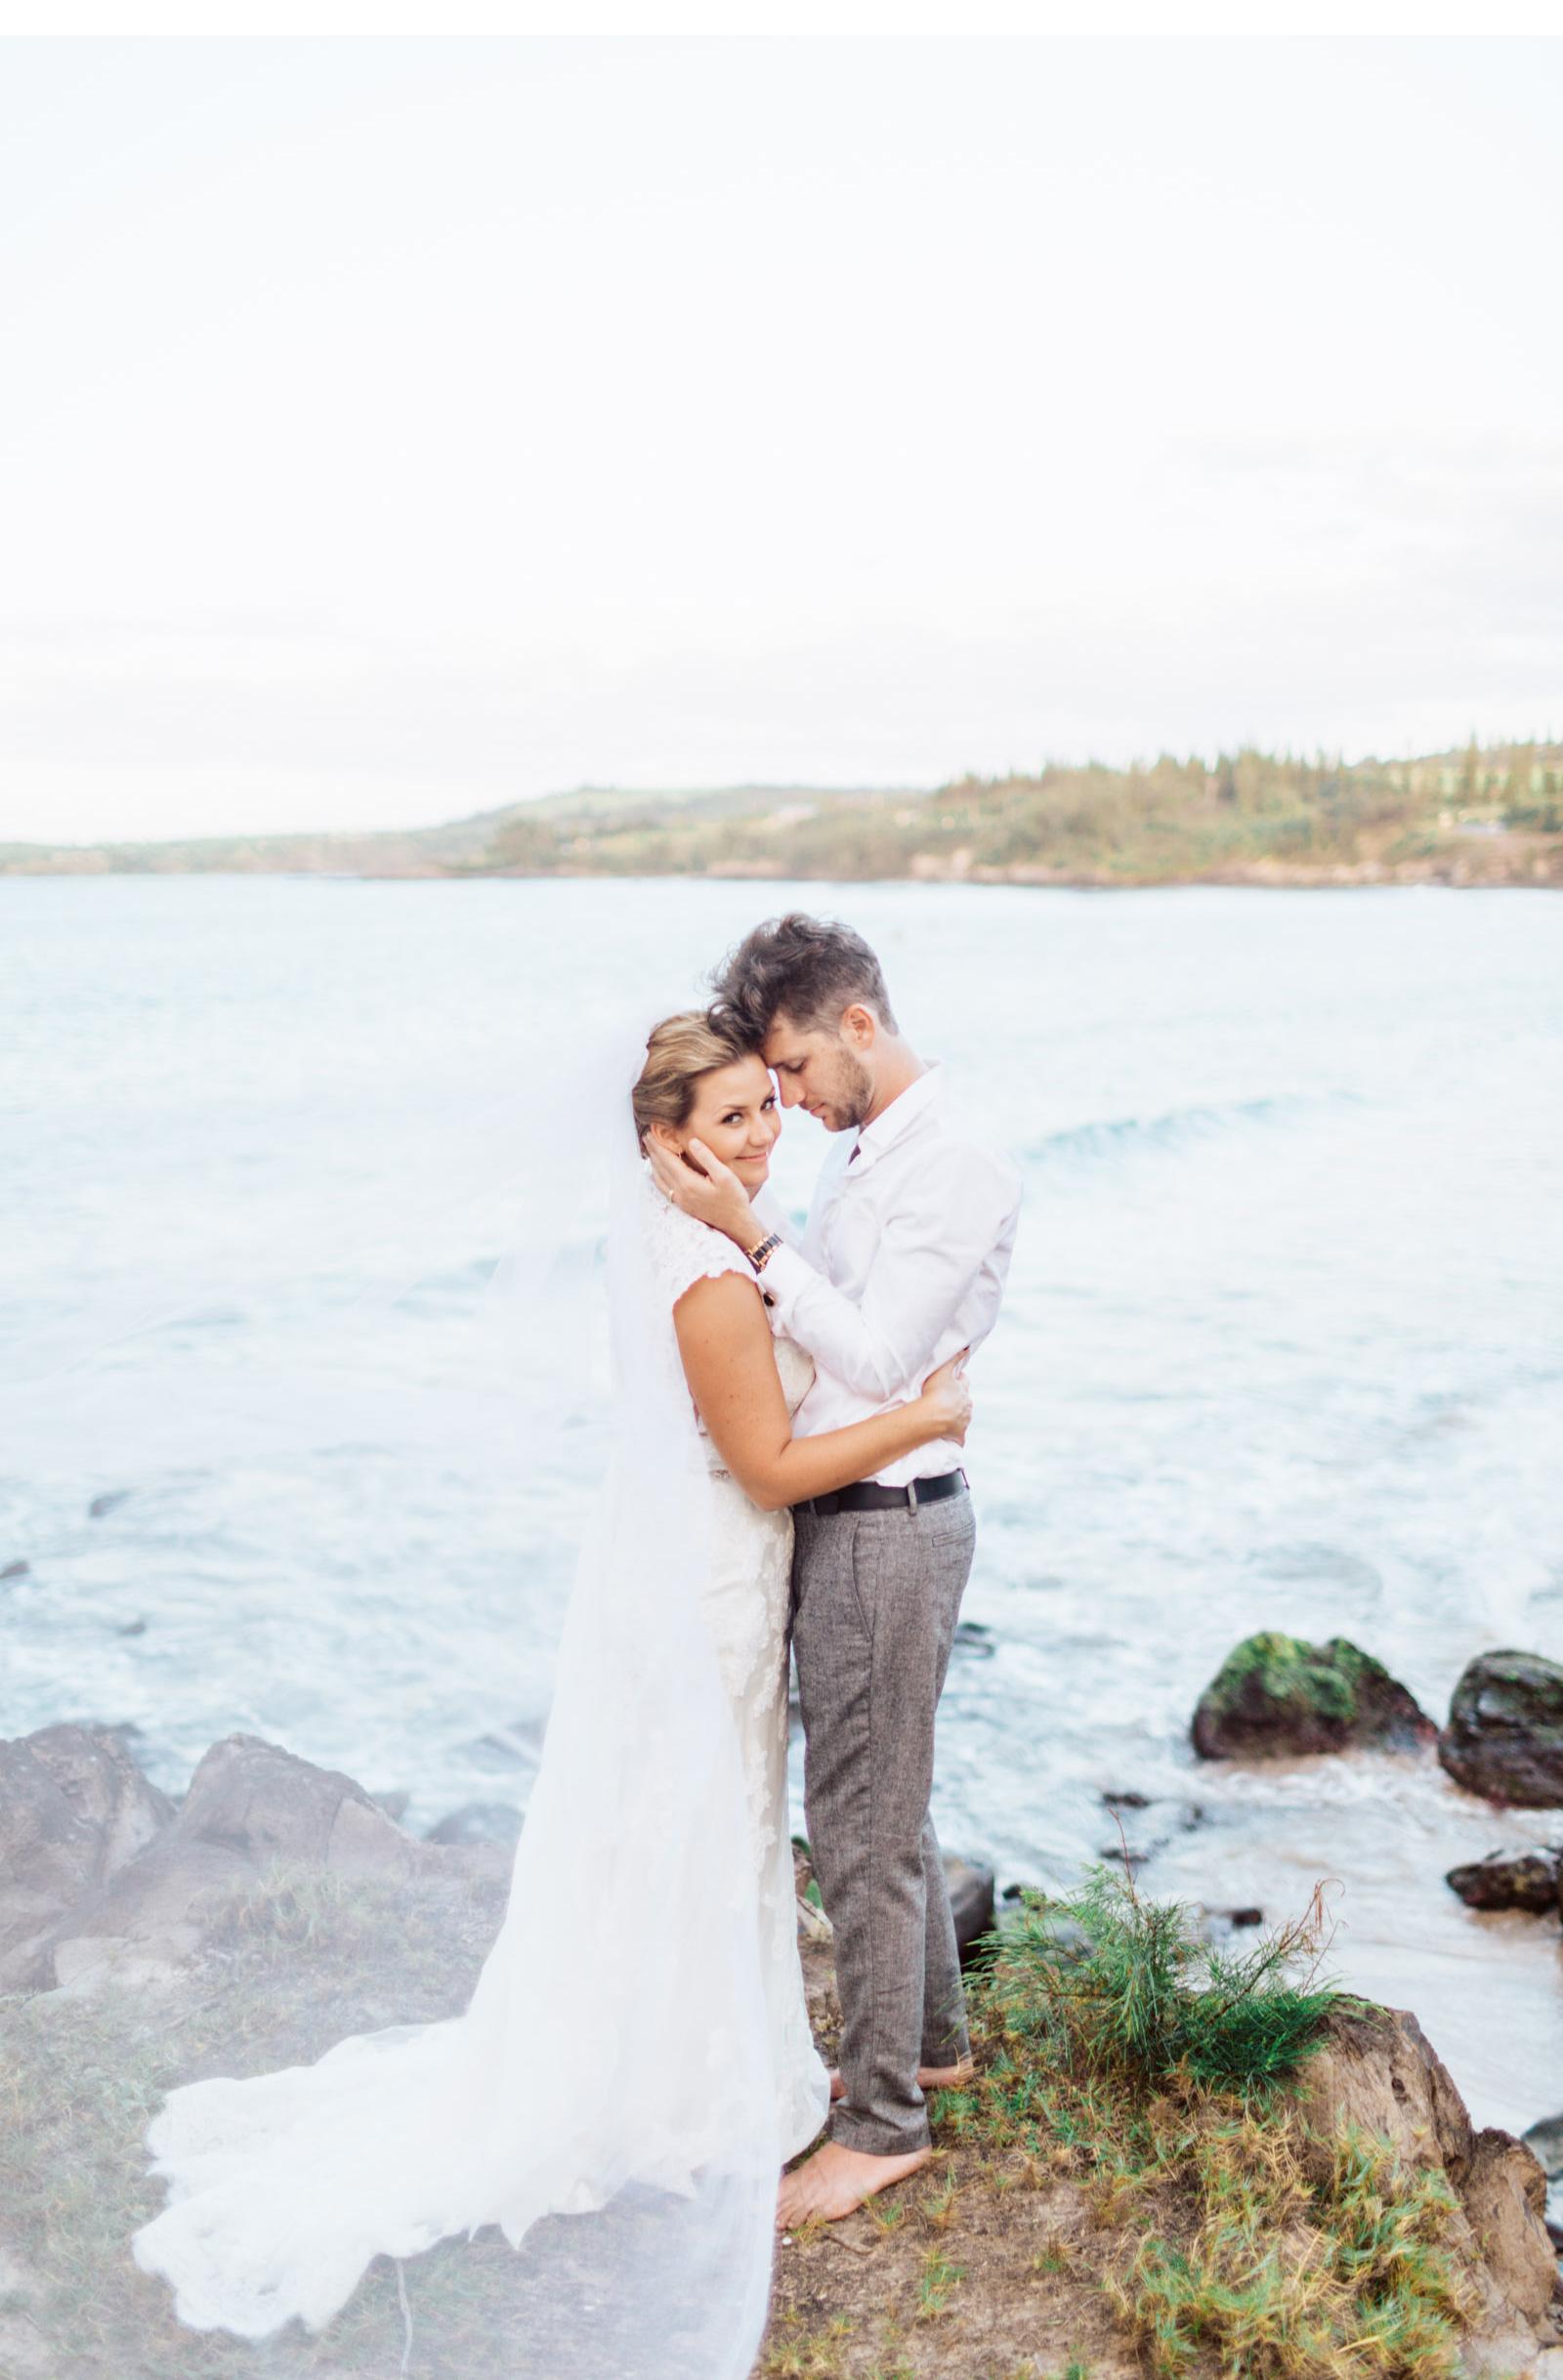 Natalie-Schutt-Photography--Hawaii-Wedding_02.jpg